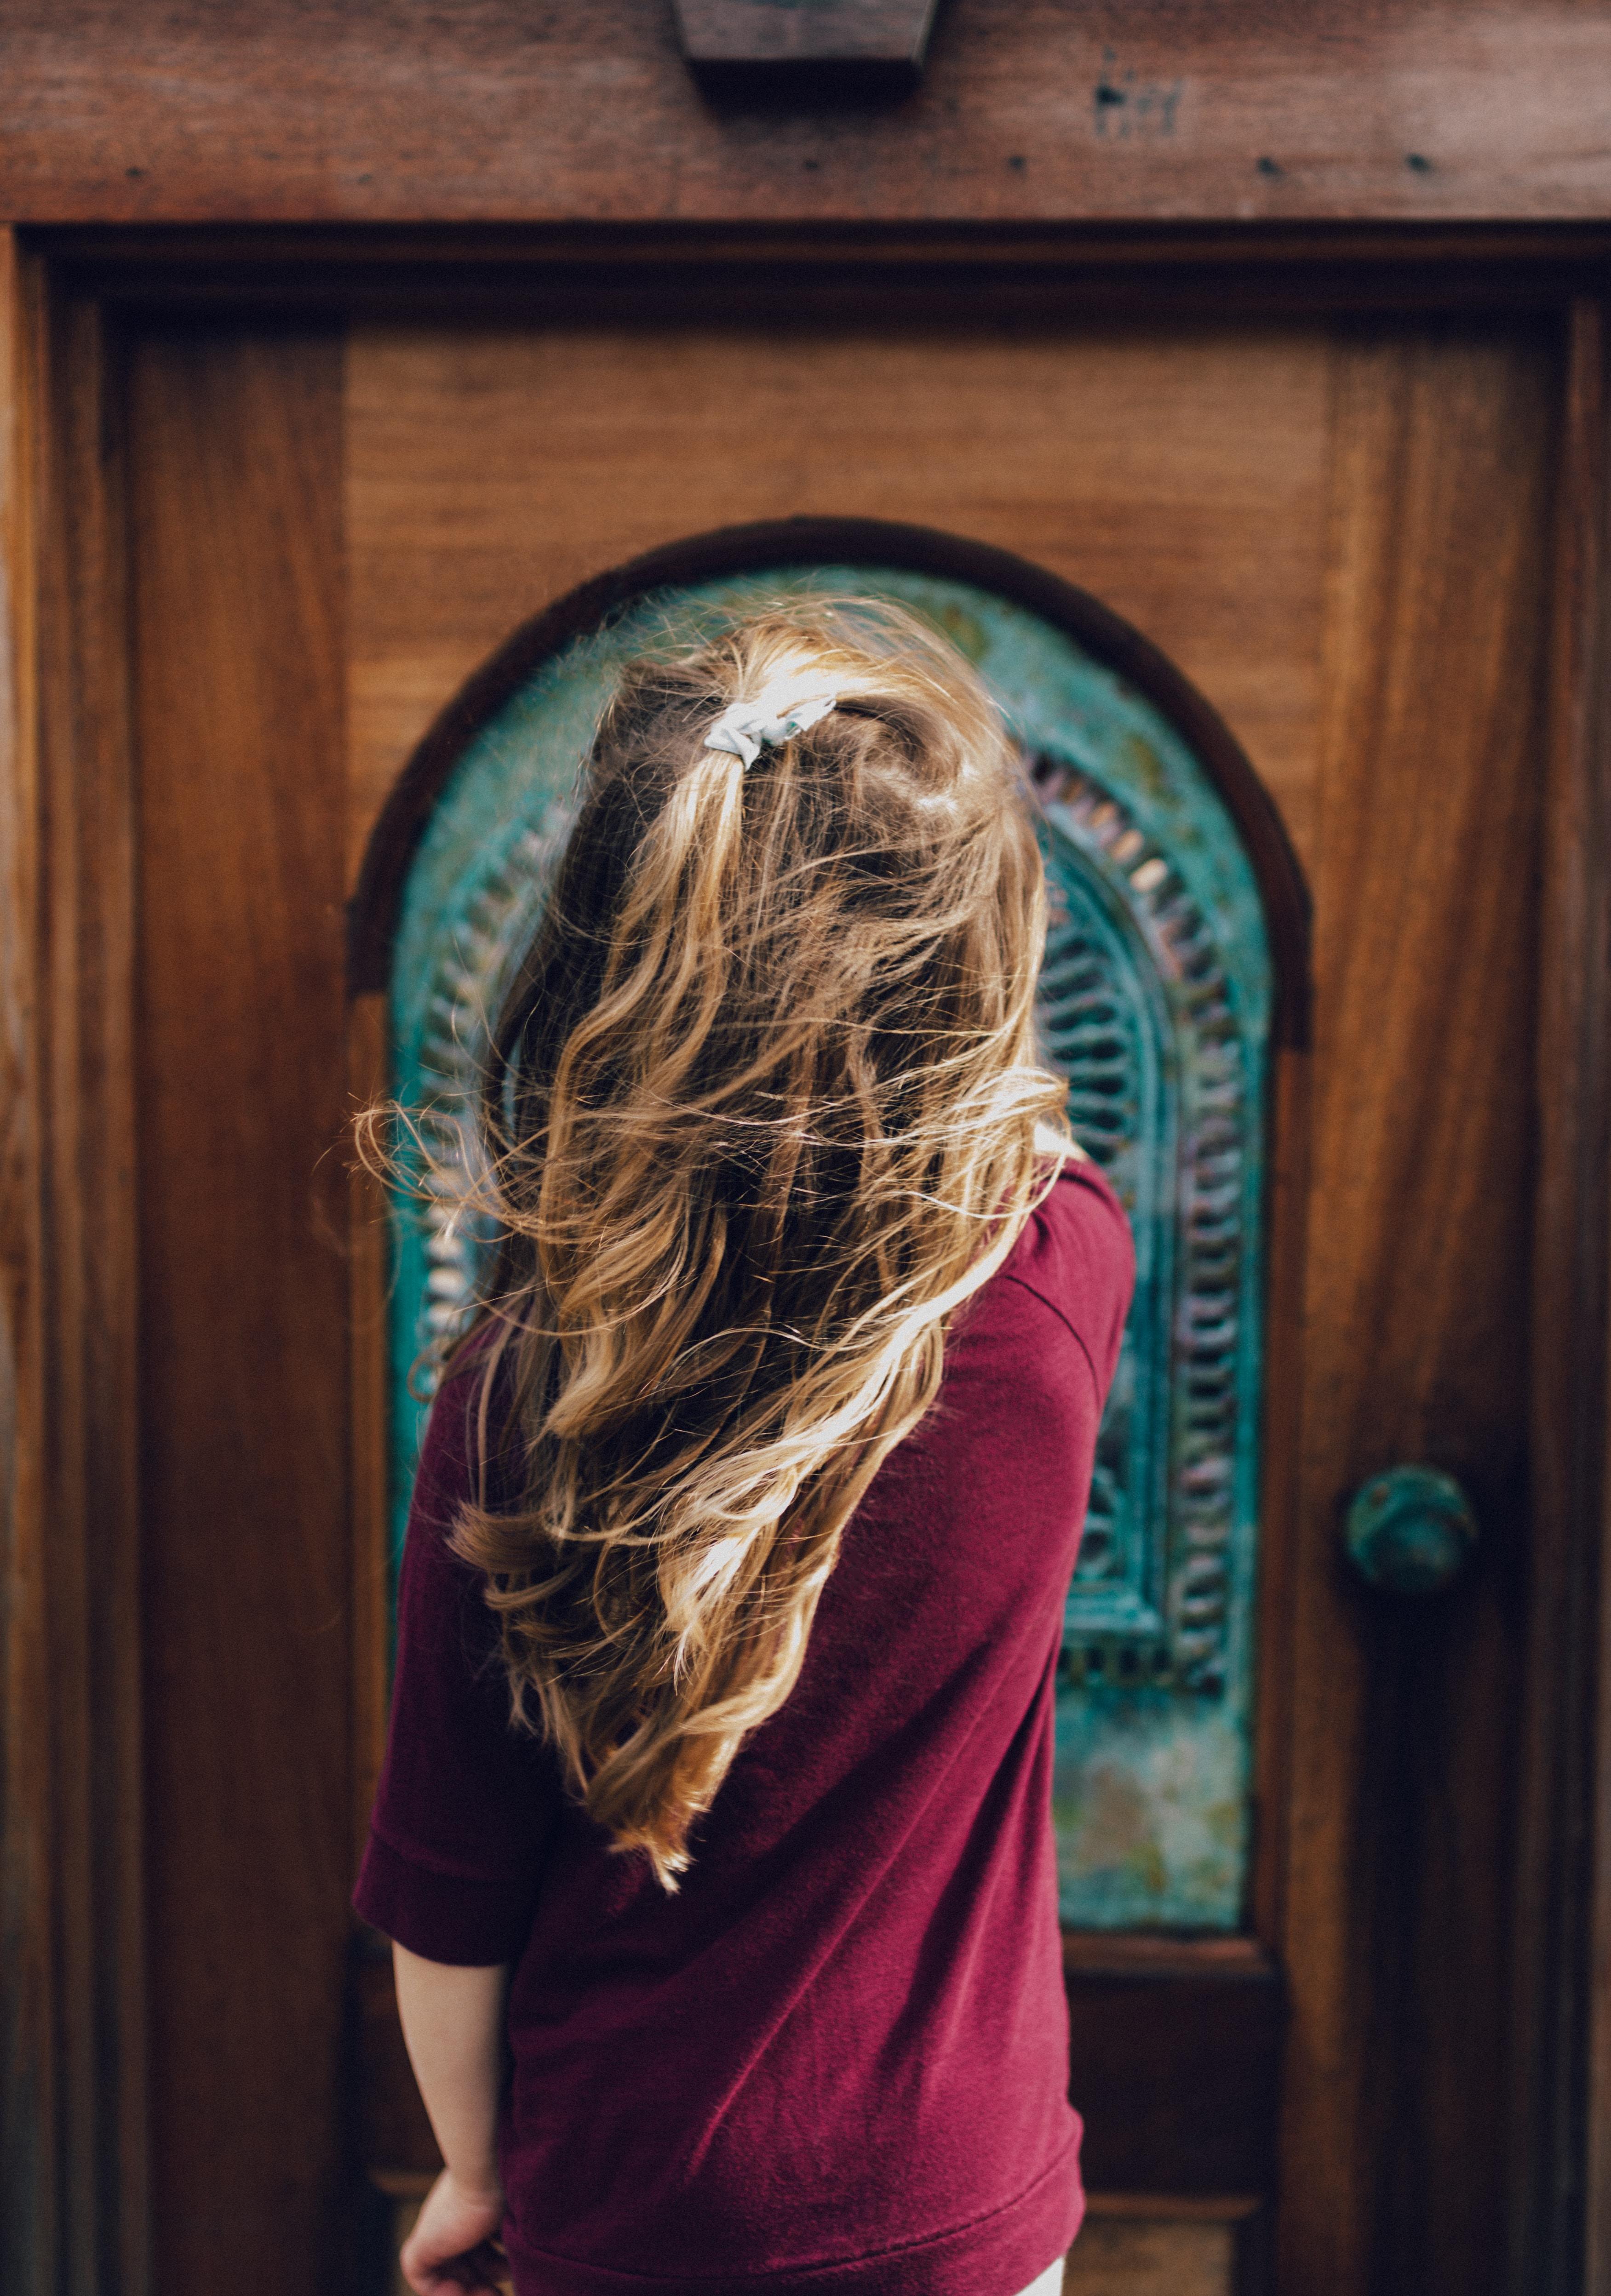 man wearing red sweater in front of door